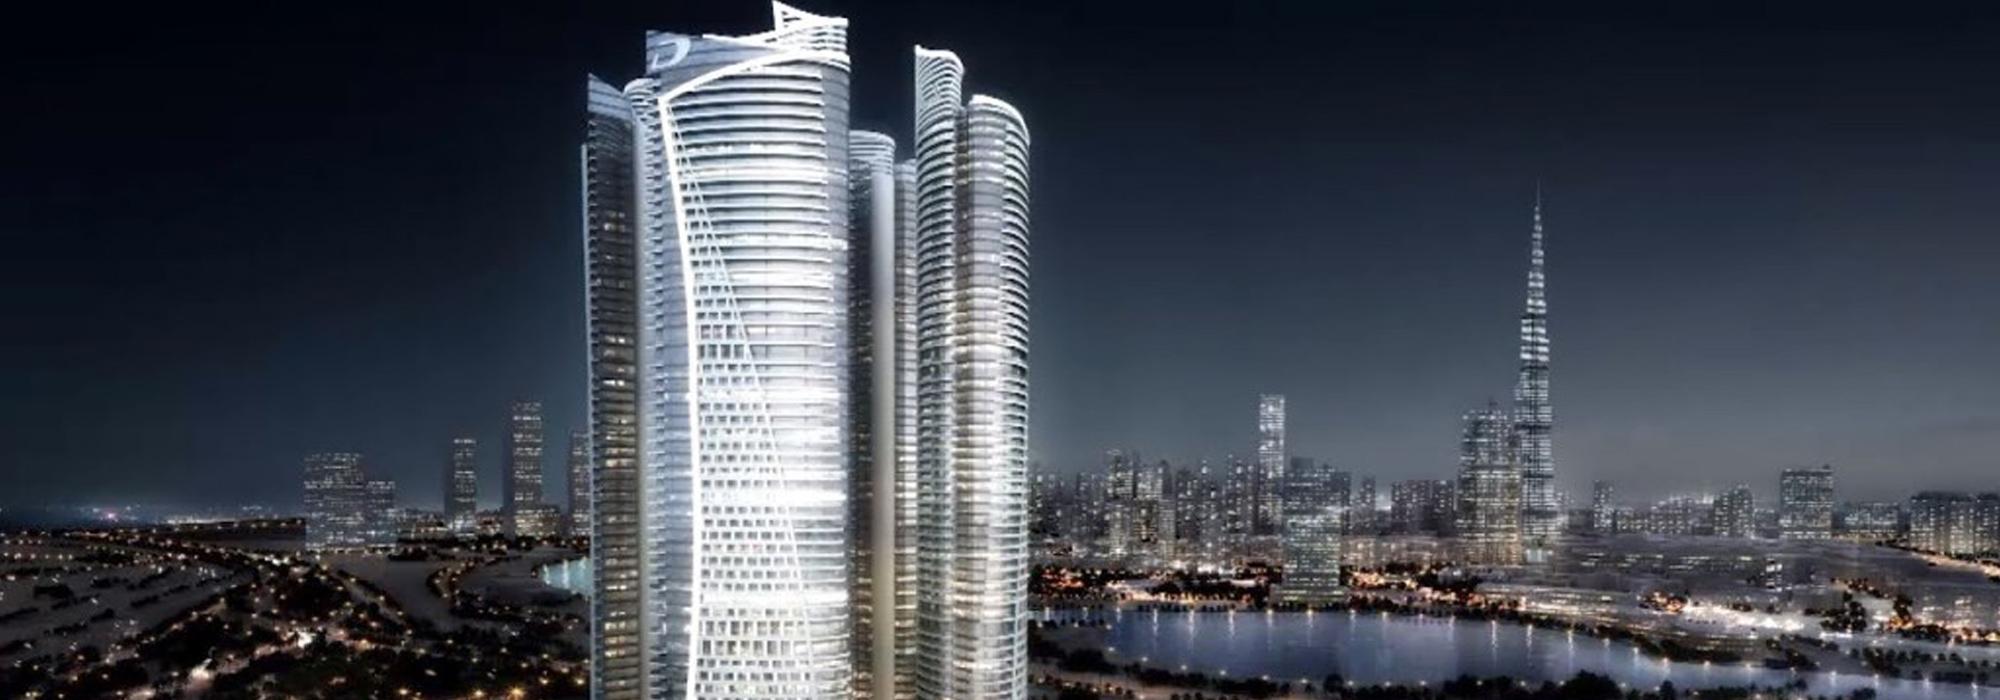 Panoramic Tower, Dubai